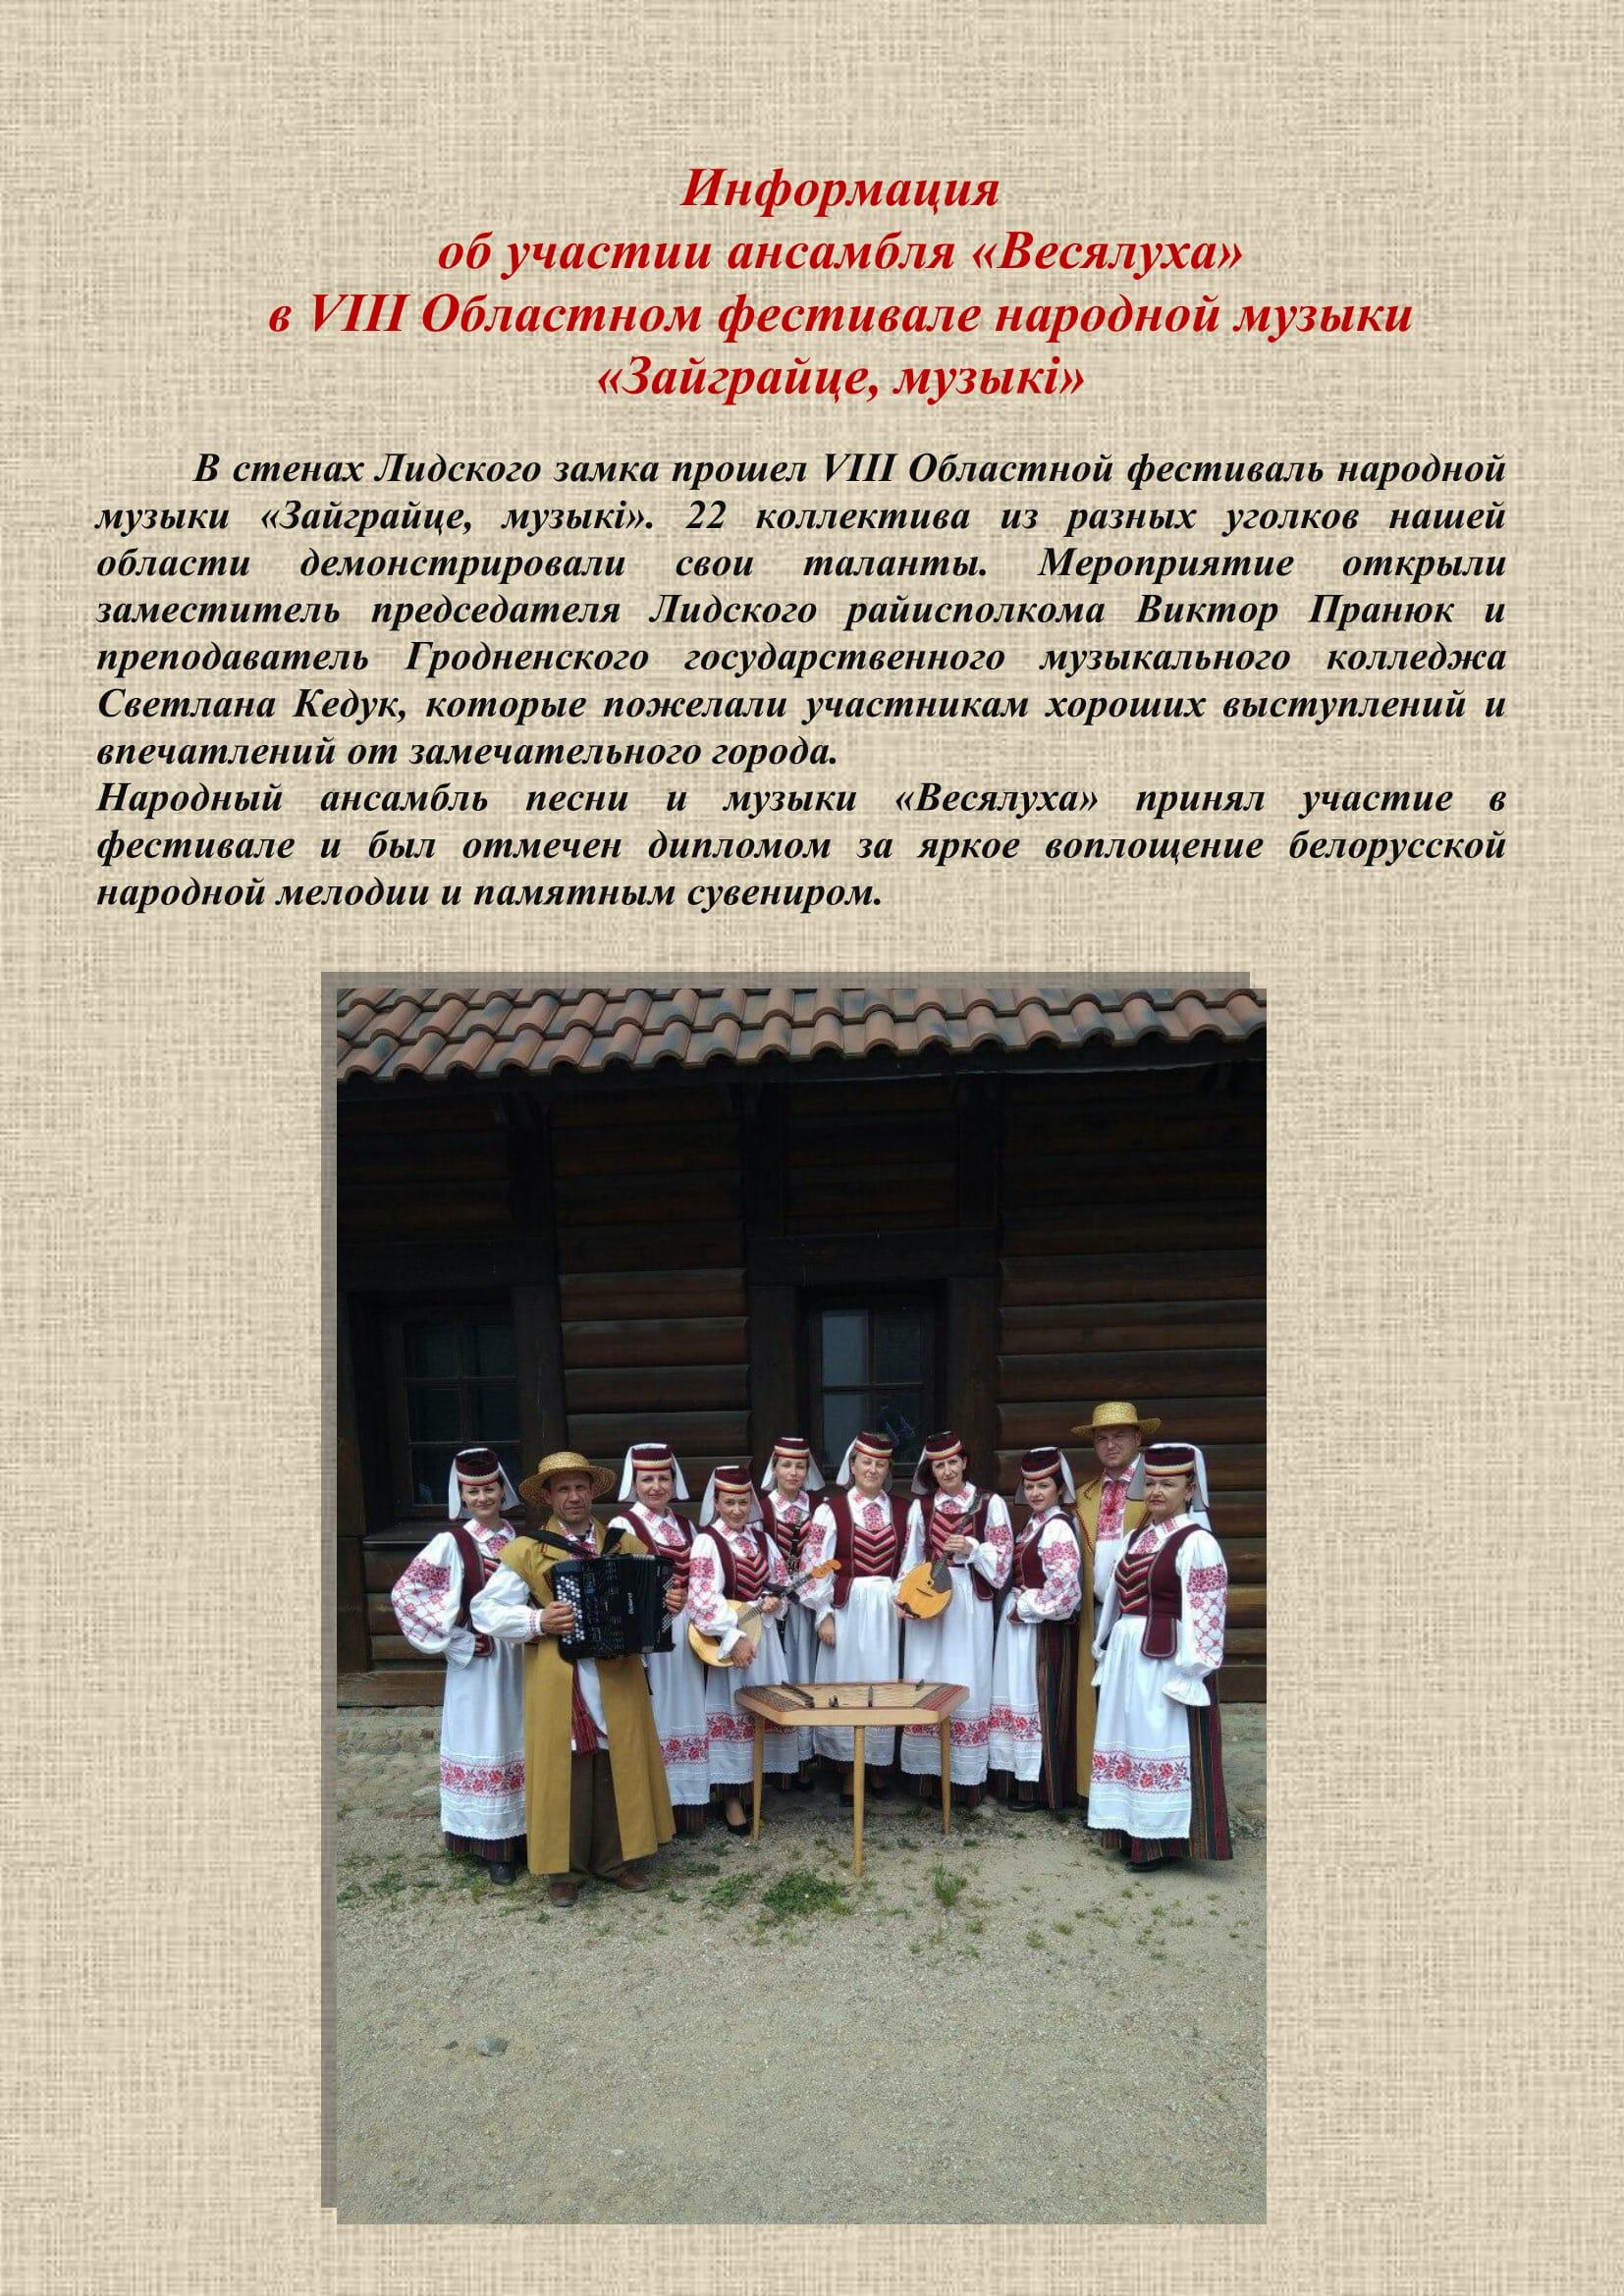 ФЕСЯЛУХА В ЛИДЕ-1